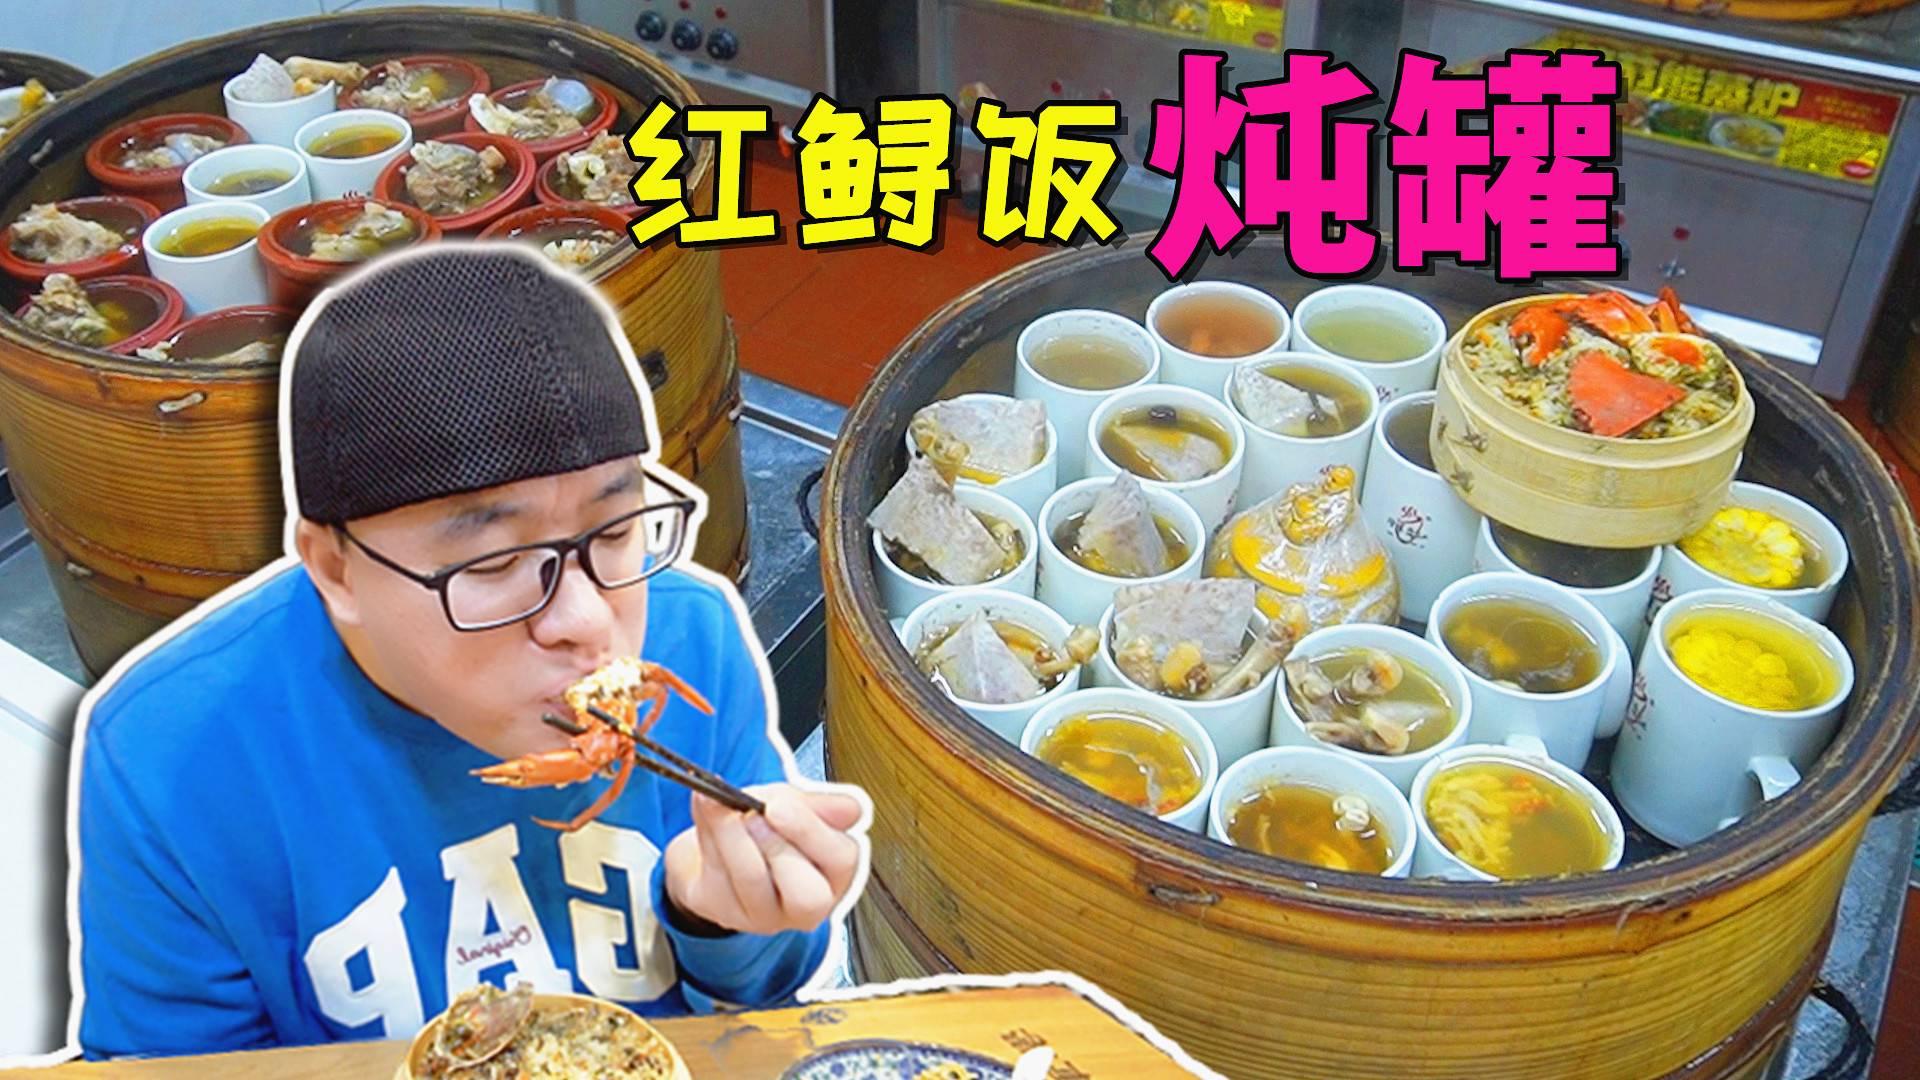 【阿星探店】 阿星吃福州炖罐,大蒸笼现蒸,青蟹做红鲟饭,便宜实惠又大补